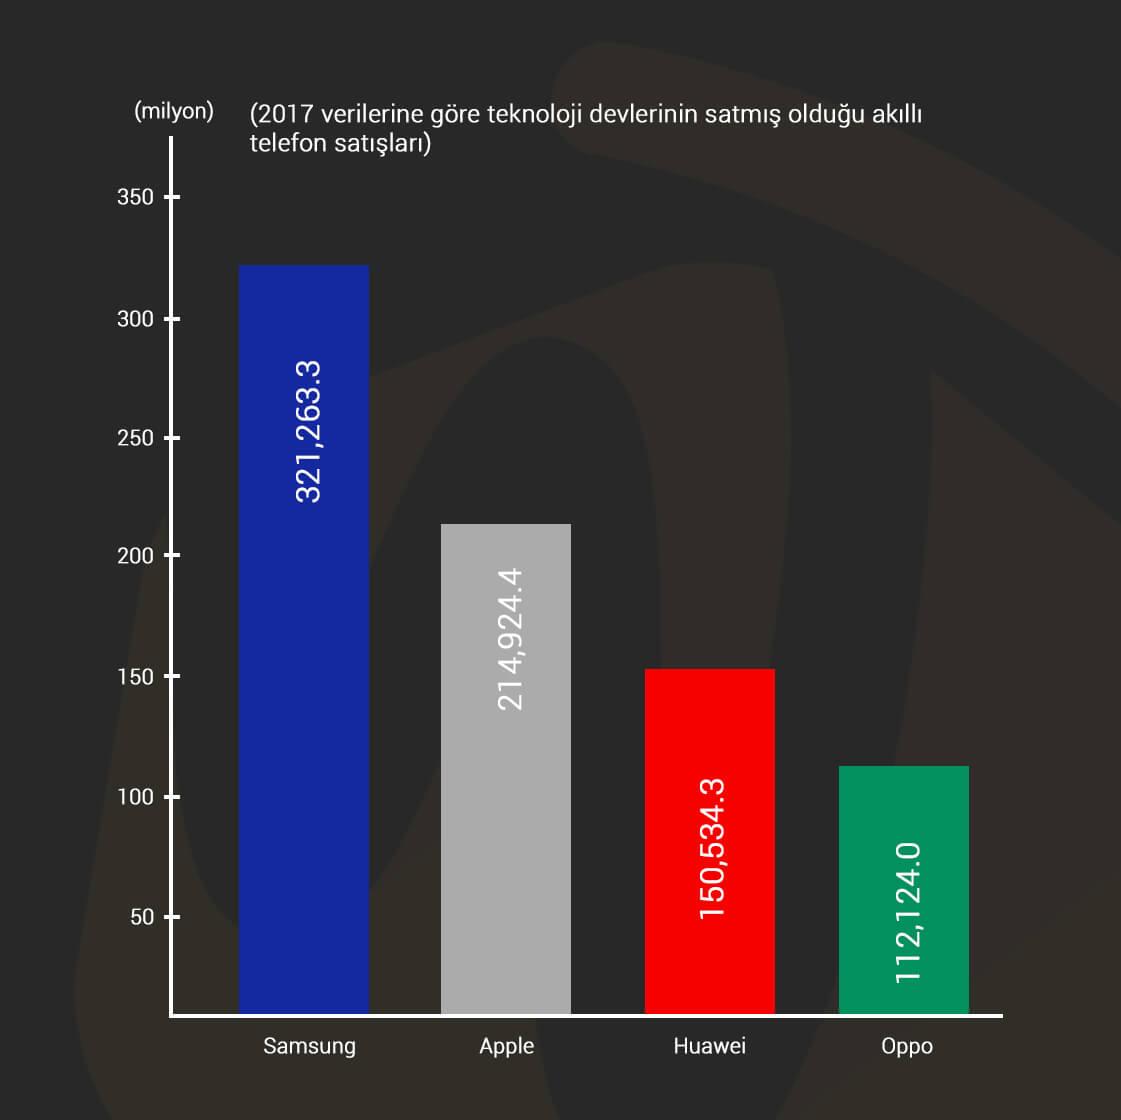 2017 markaların satılan telefon sayısı verisi Webtakibi